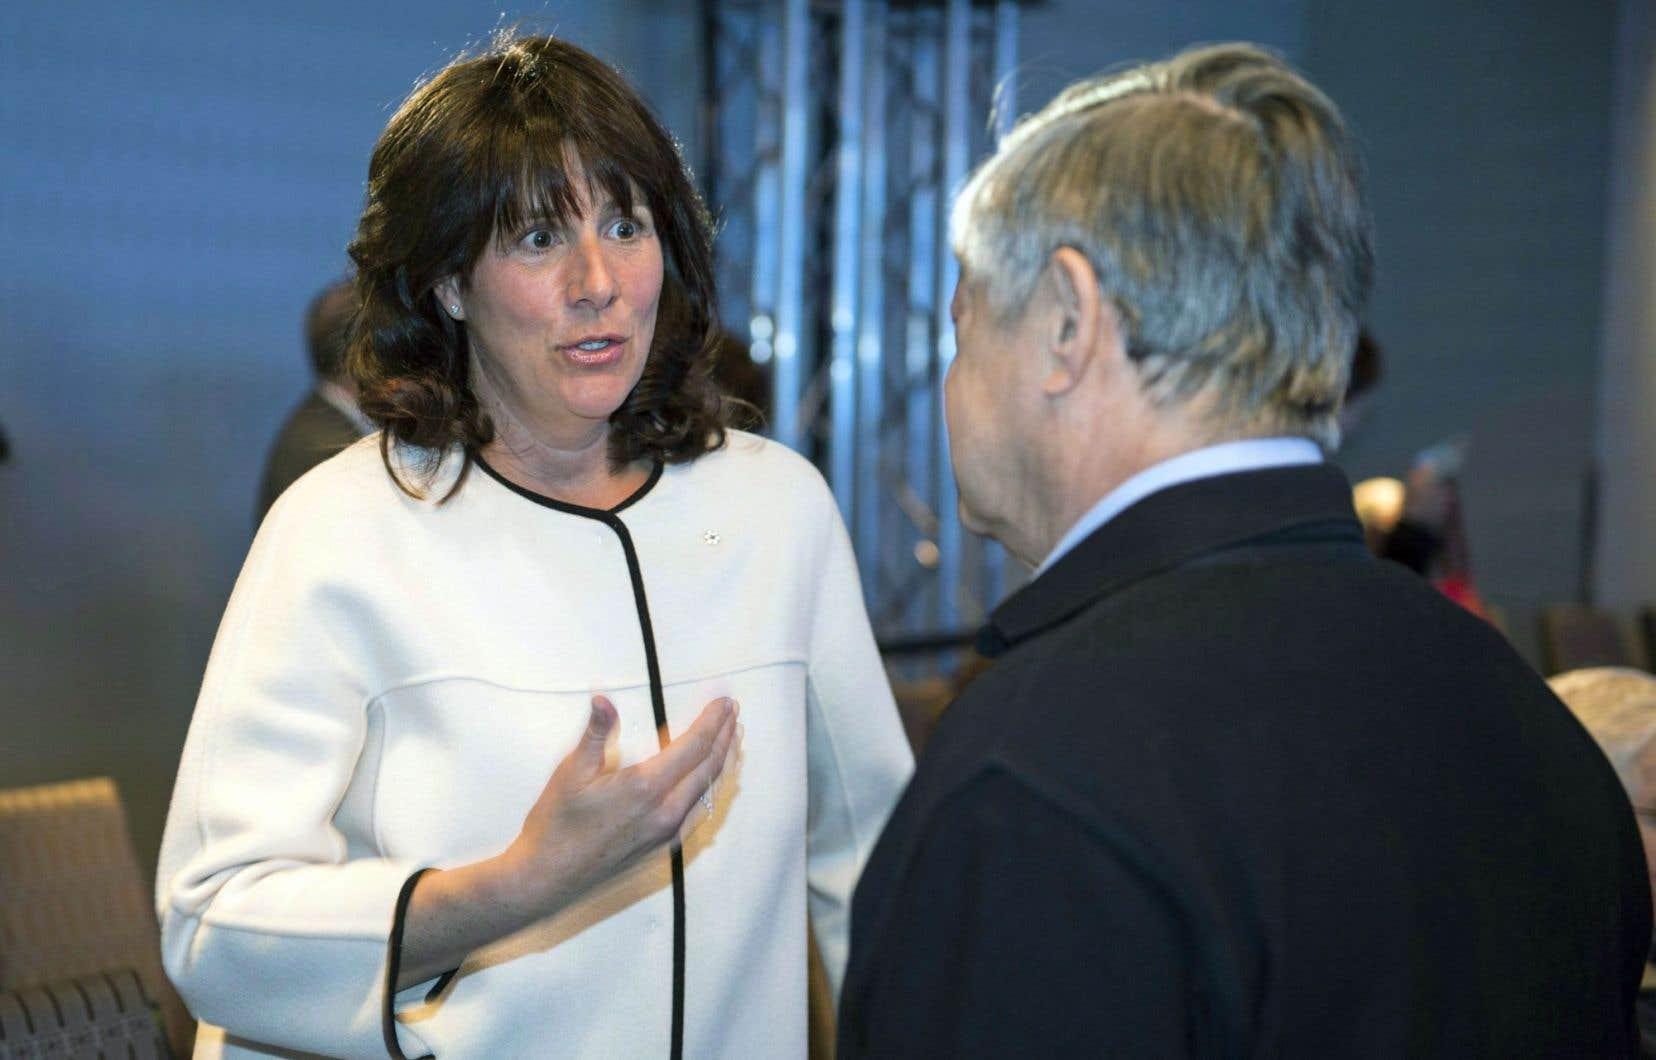 La p.-d.g. de Gaz Métro, Sophie Brochu, en conversation avec un actionnaire lors de l'assemblée annuelle de l'entreprise à Montréal